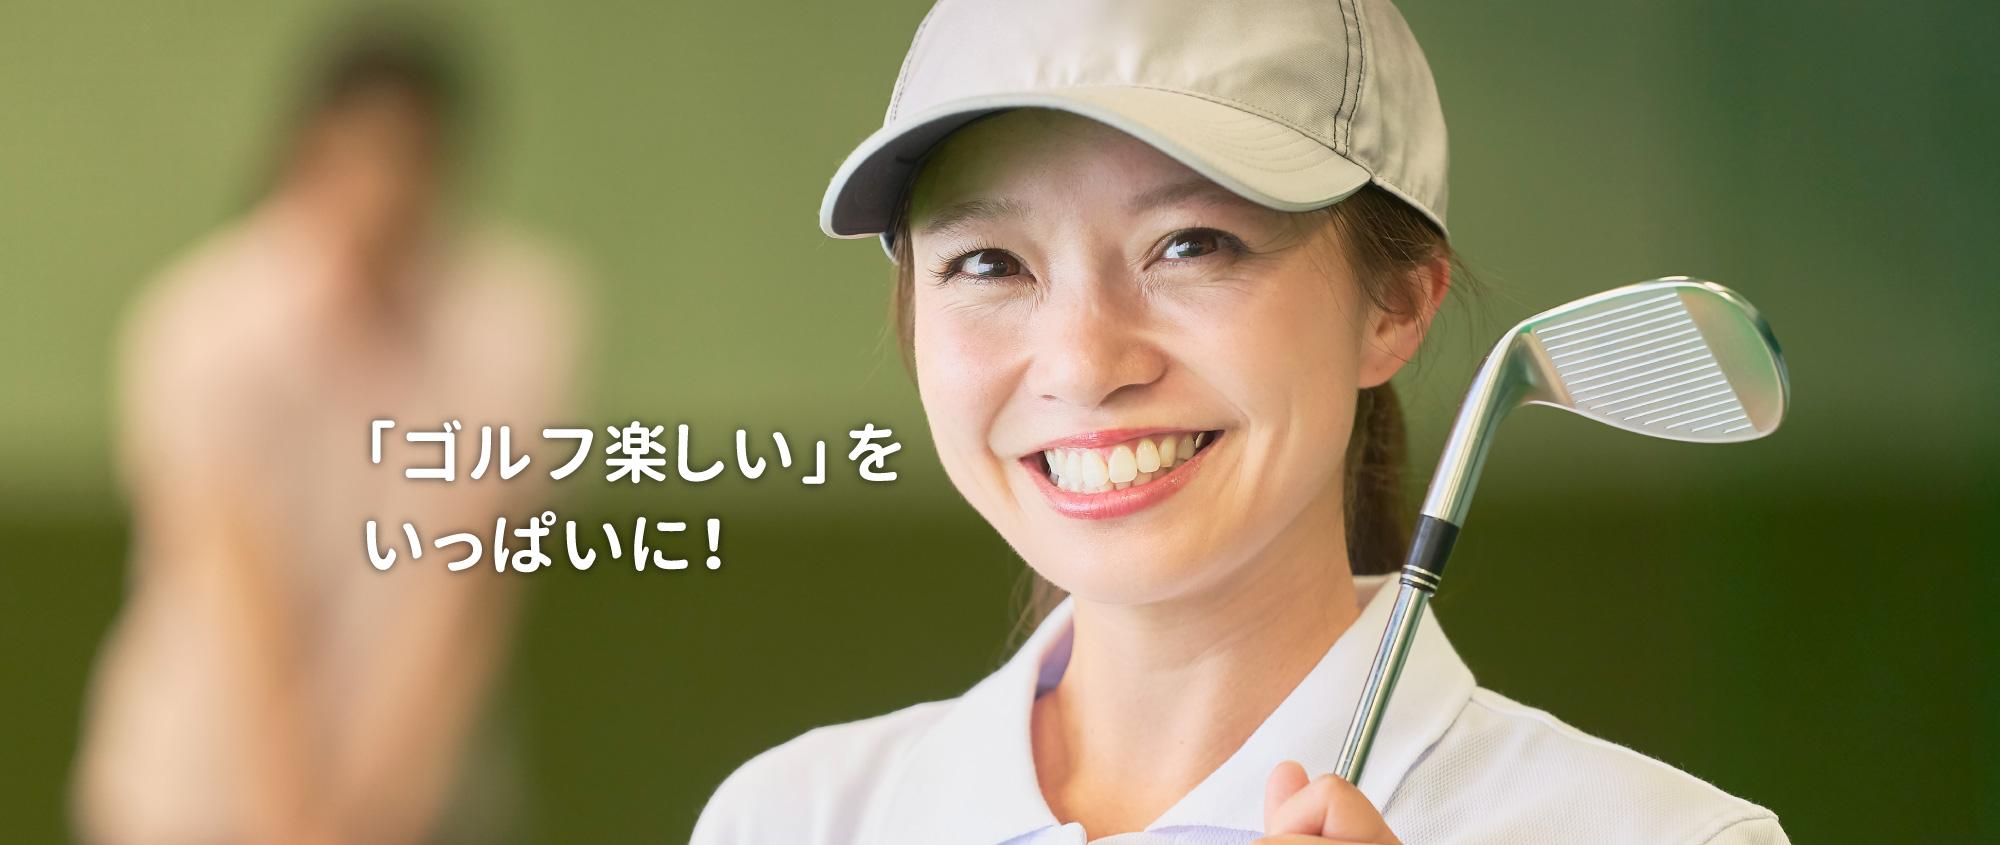 「ゴルフ楽しい」をいっぱいに!